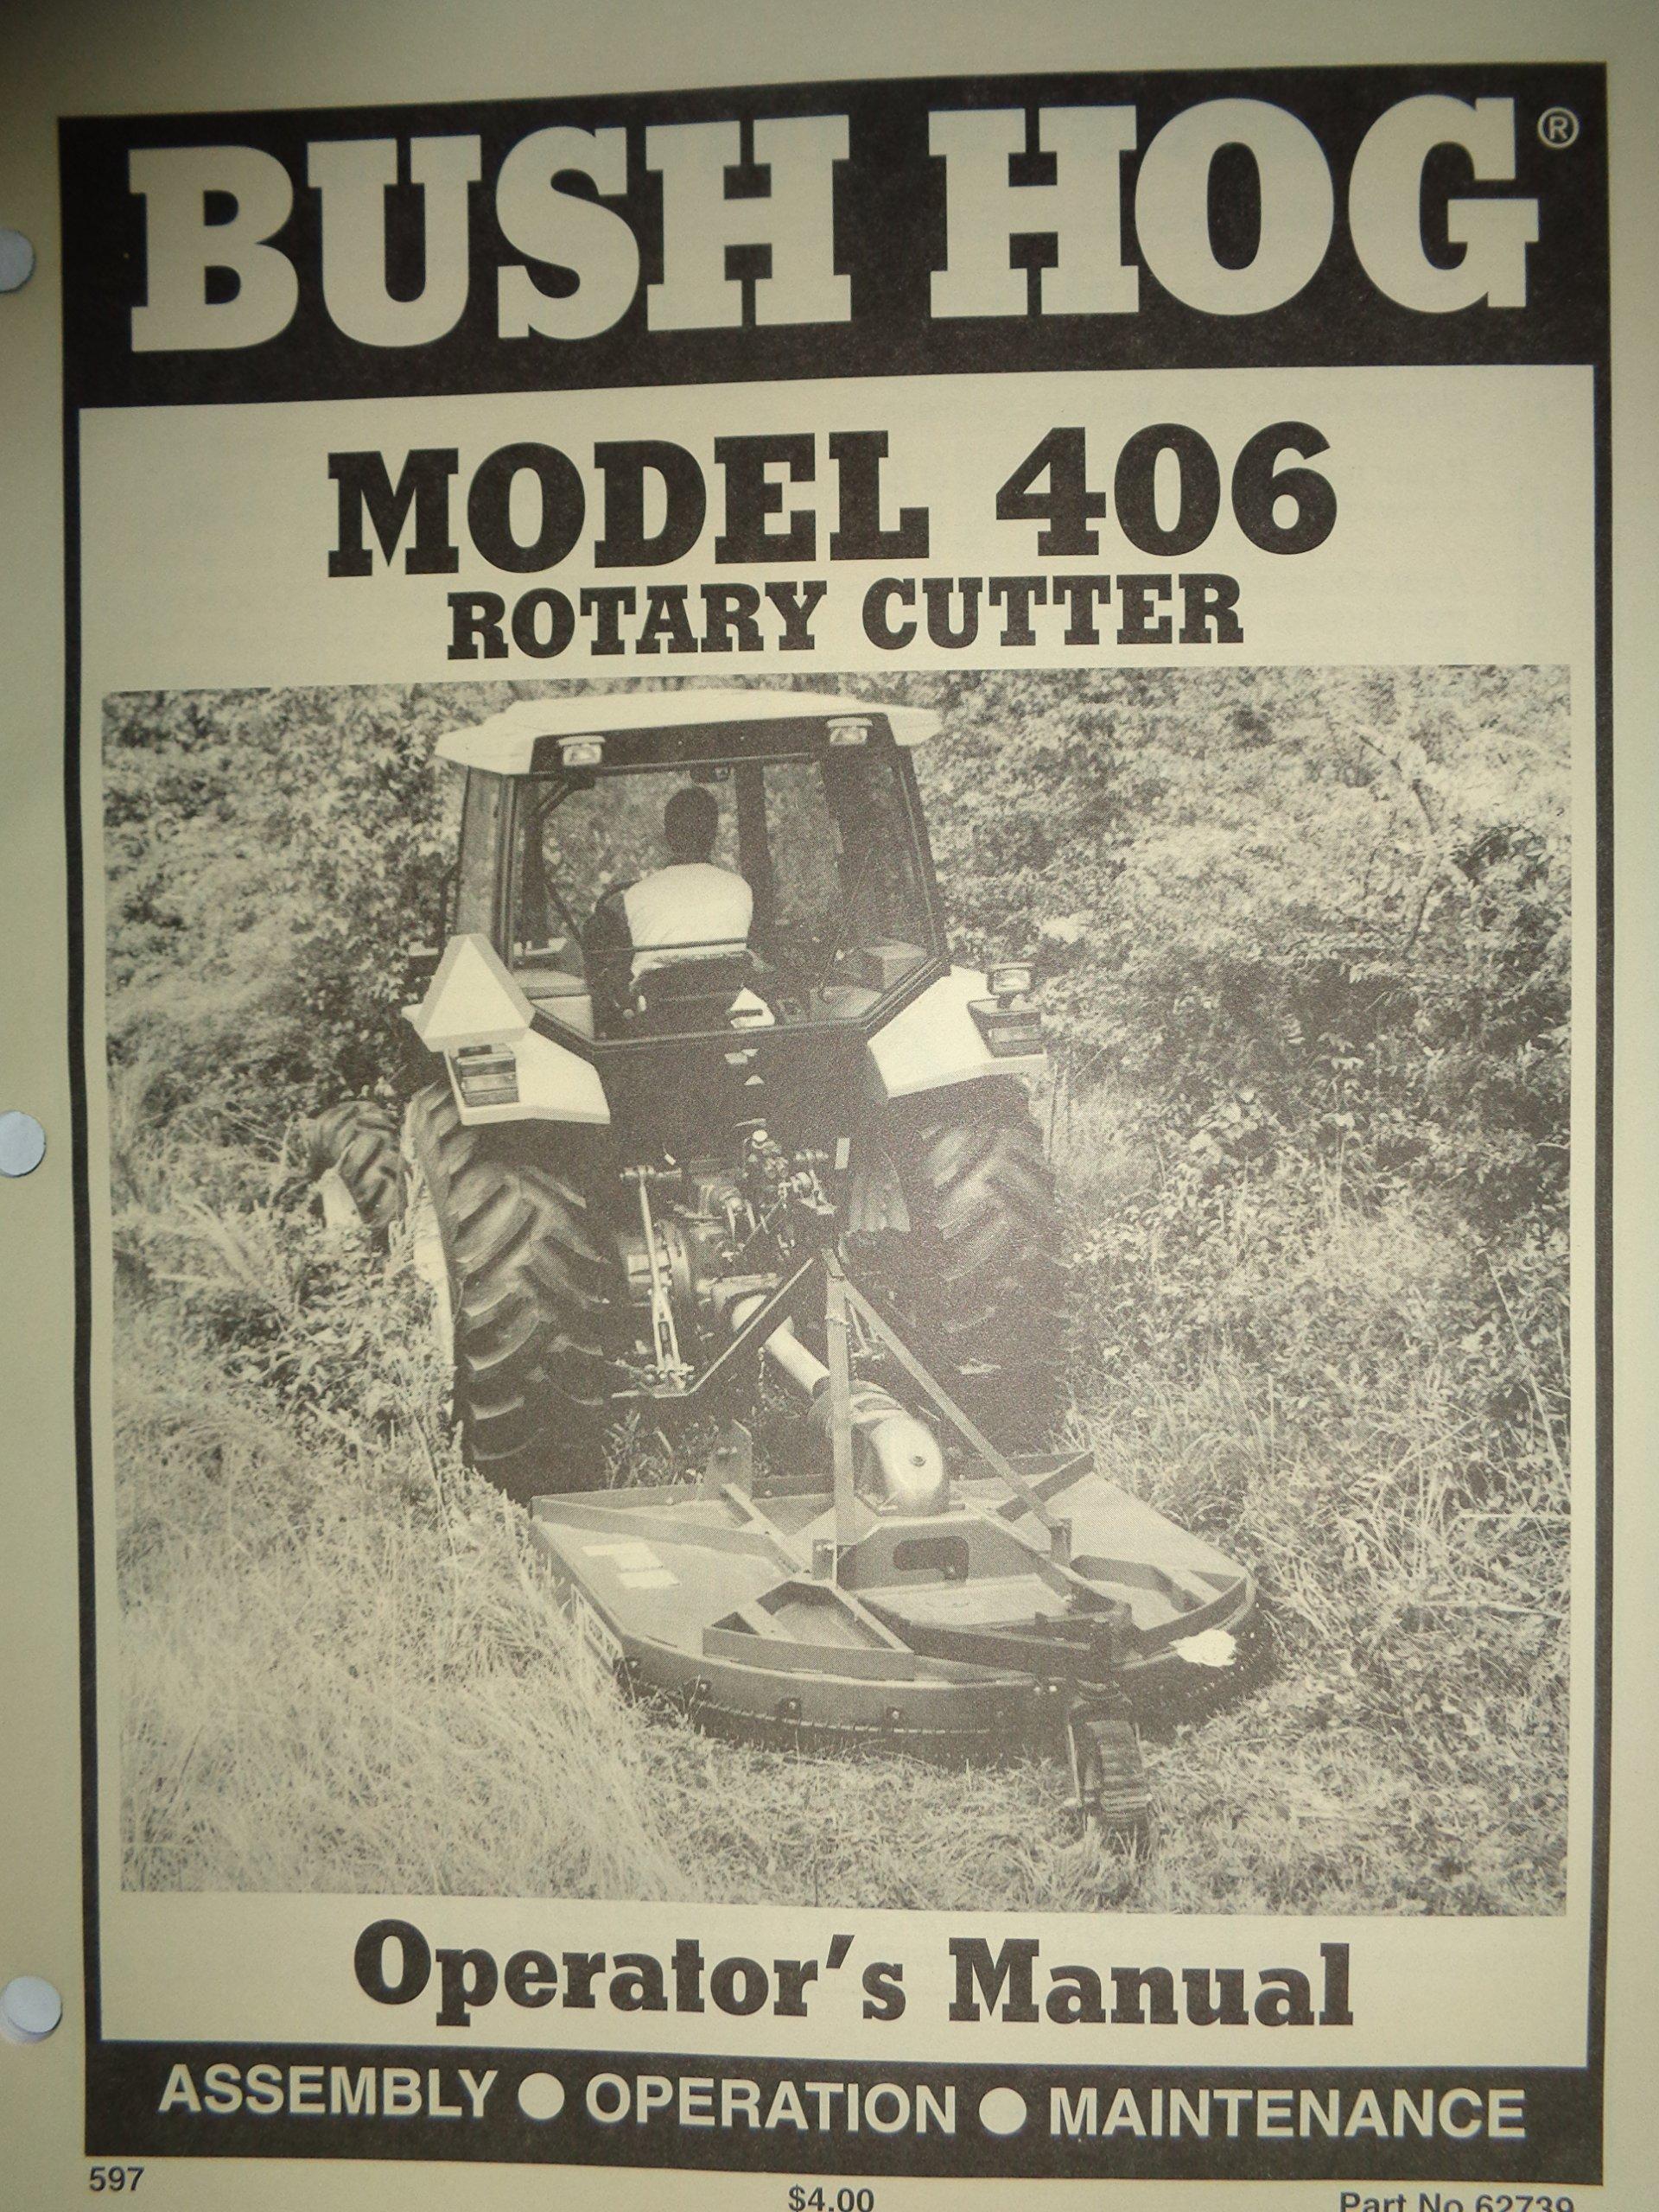 Bush Hog Model 406 Rotary Cutter Mower Operators Manual 5/97